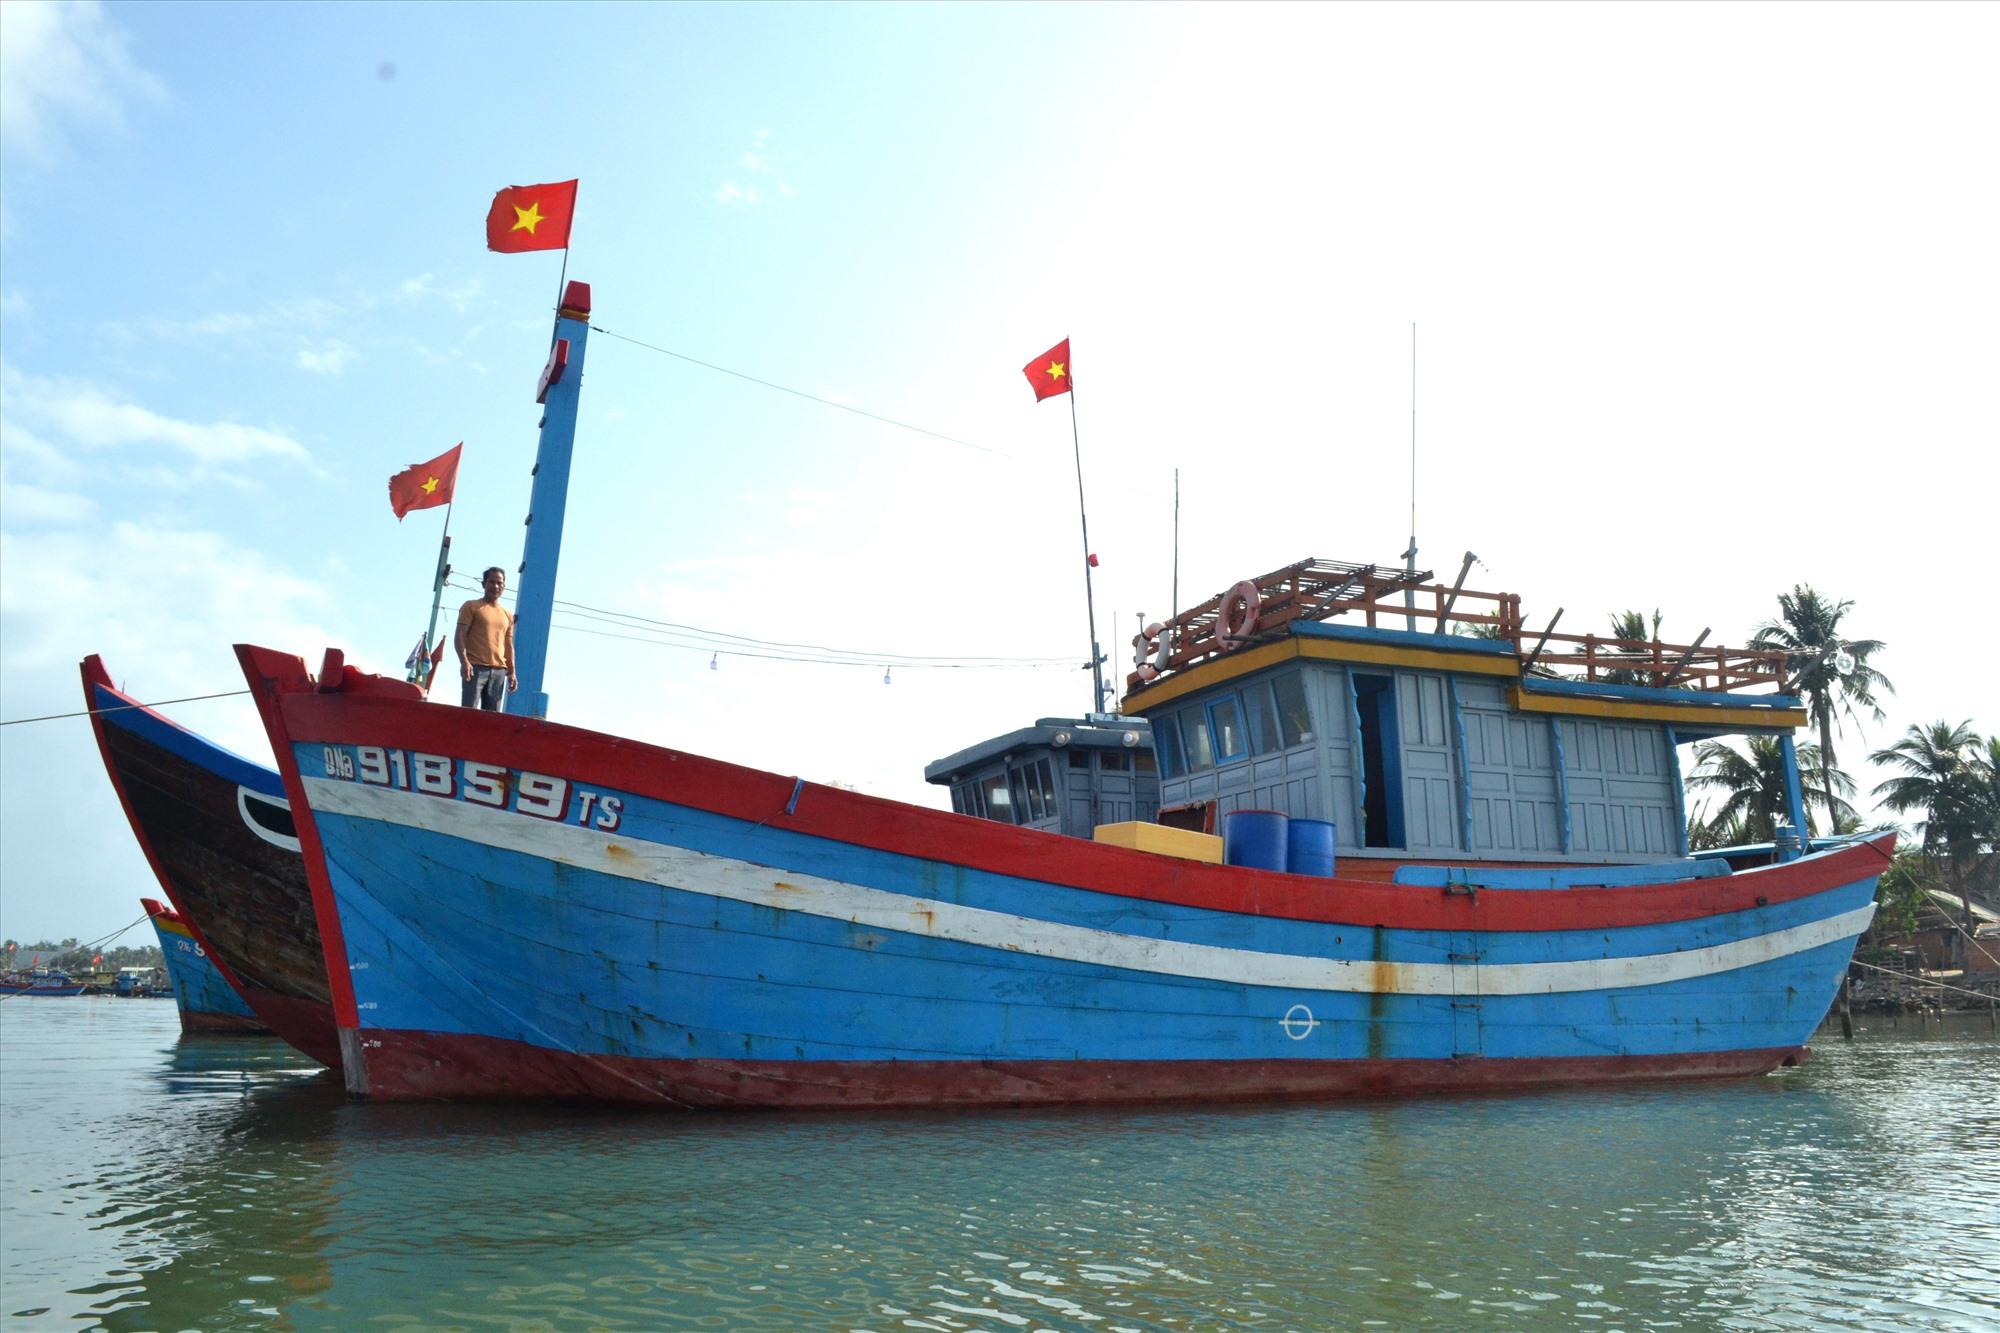 Ngư dân Trần Văn Chung trả nợ đúng hạn sau khi vay vốn của Quỹ HTND để đóng tàu cá QNa-91859. Ảnh: VIỆT NGUYỄN